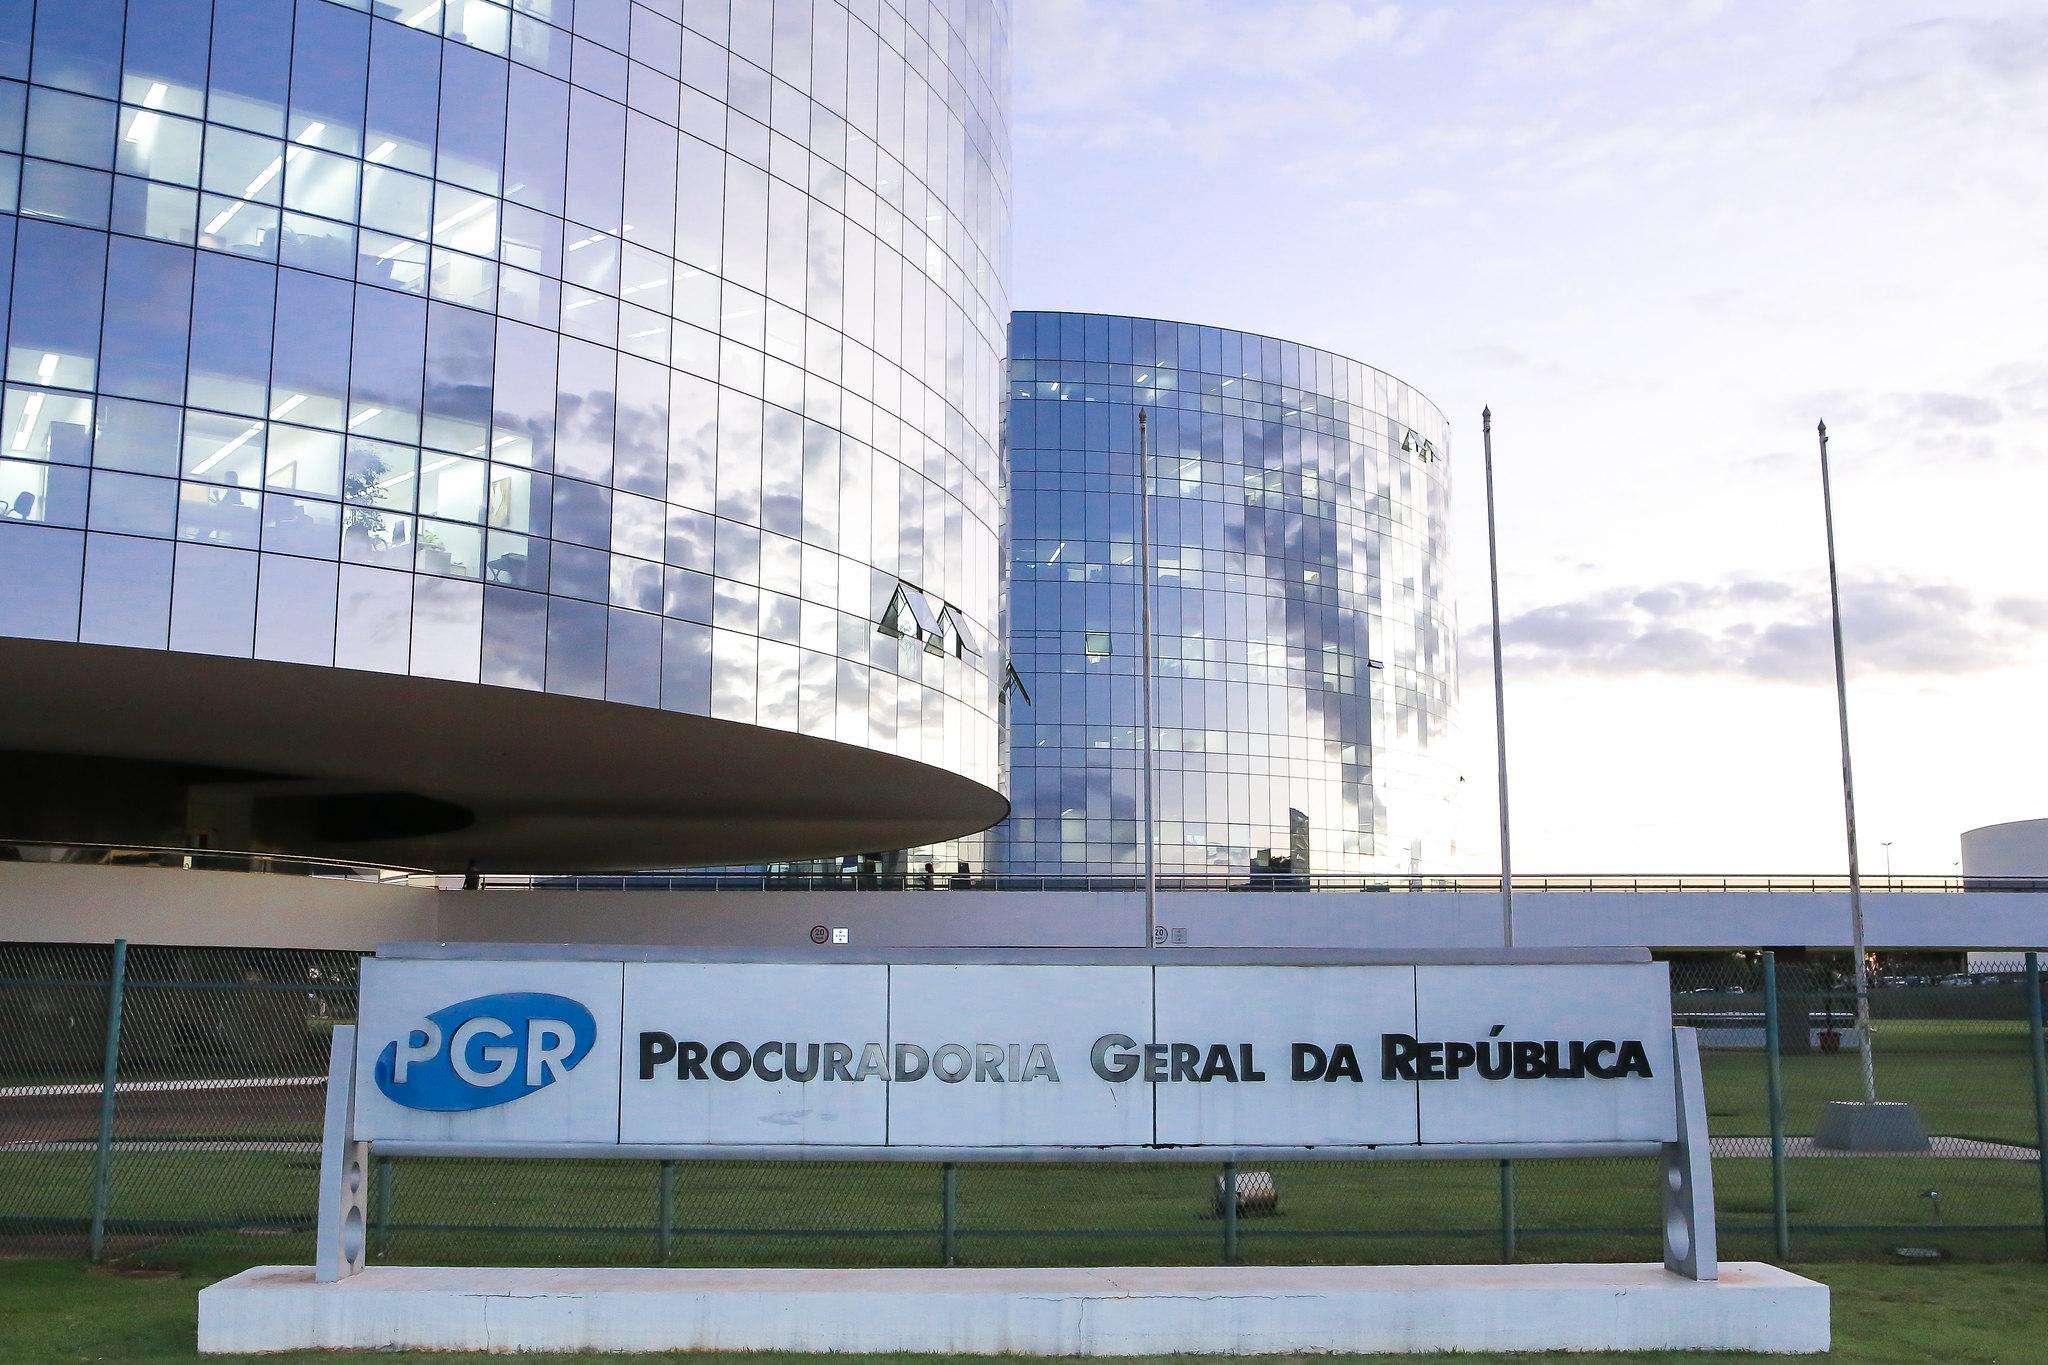 PGR OPINA PELA SUSPENSÃO DA MP DO MARCO CIVIL ASSINADO POR BOLSONARO